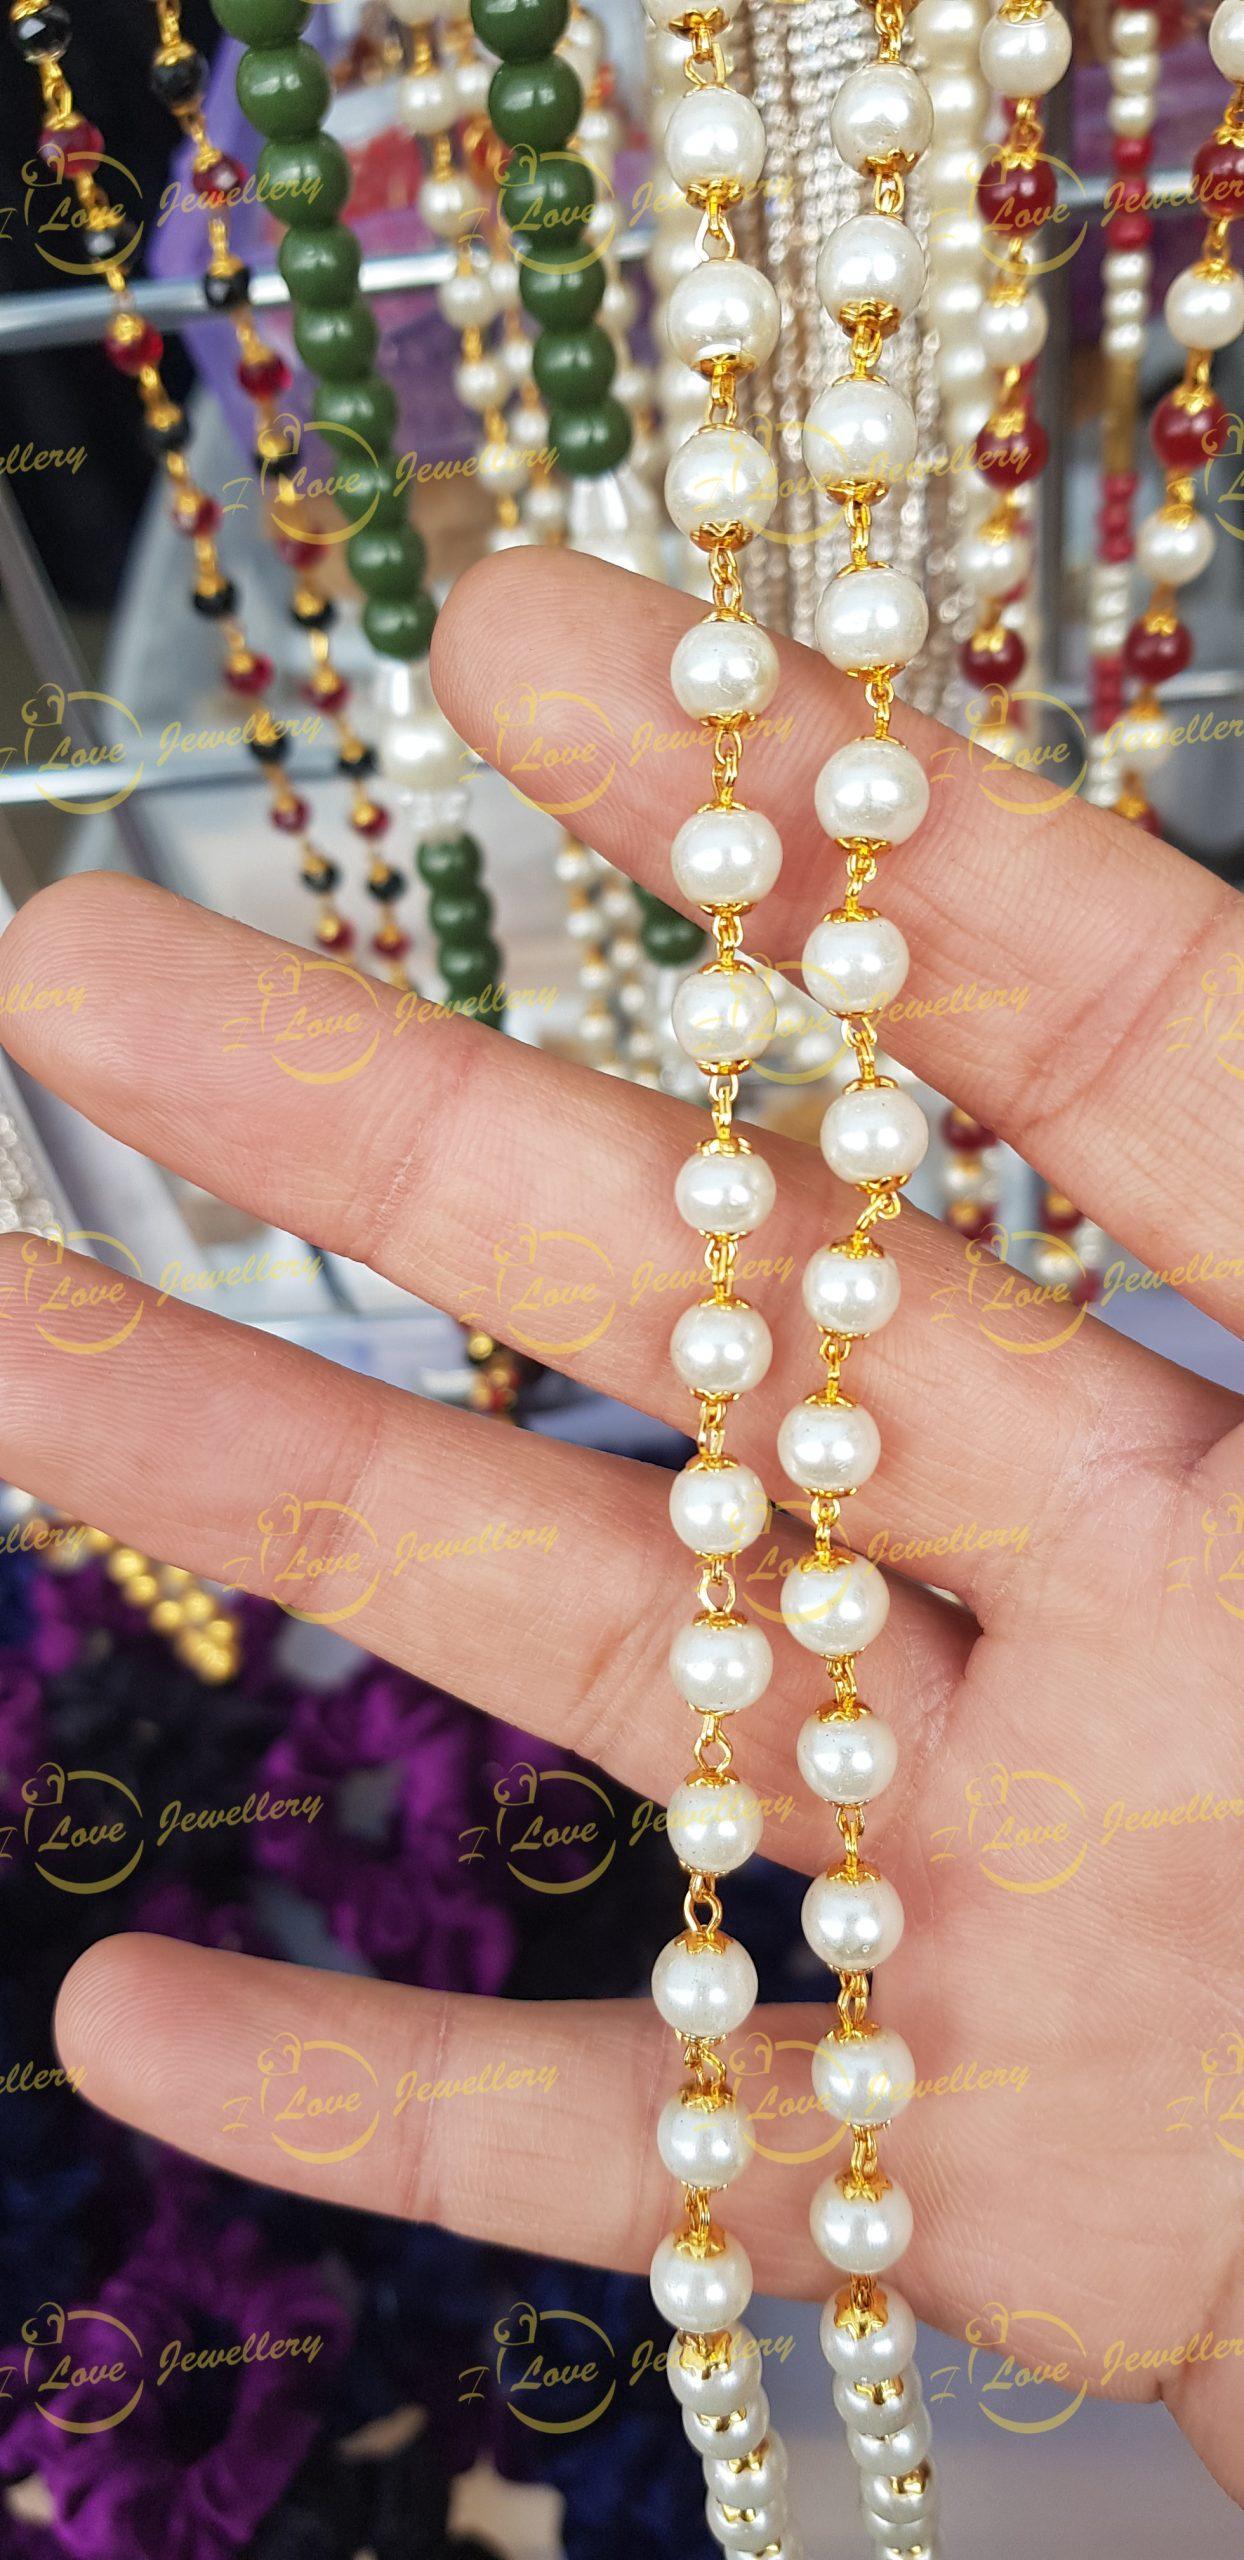 Fashion chain- pearl chain - golden chain - maroon chain - wholesale Pakistani jewellery - bespoke Pakistani jewellery - Pakistani wedding jewellery - Pakistani bridal jewellery